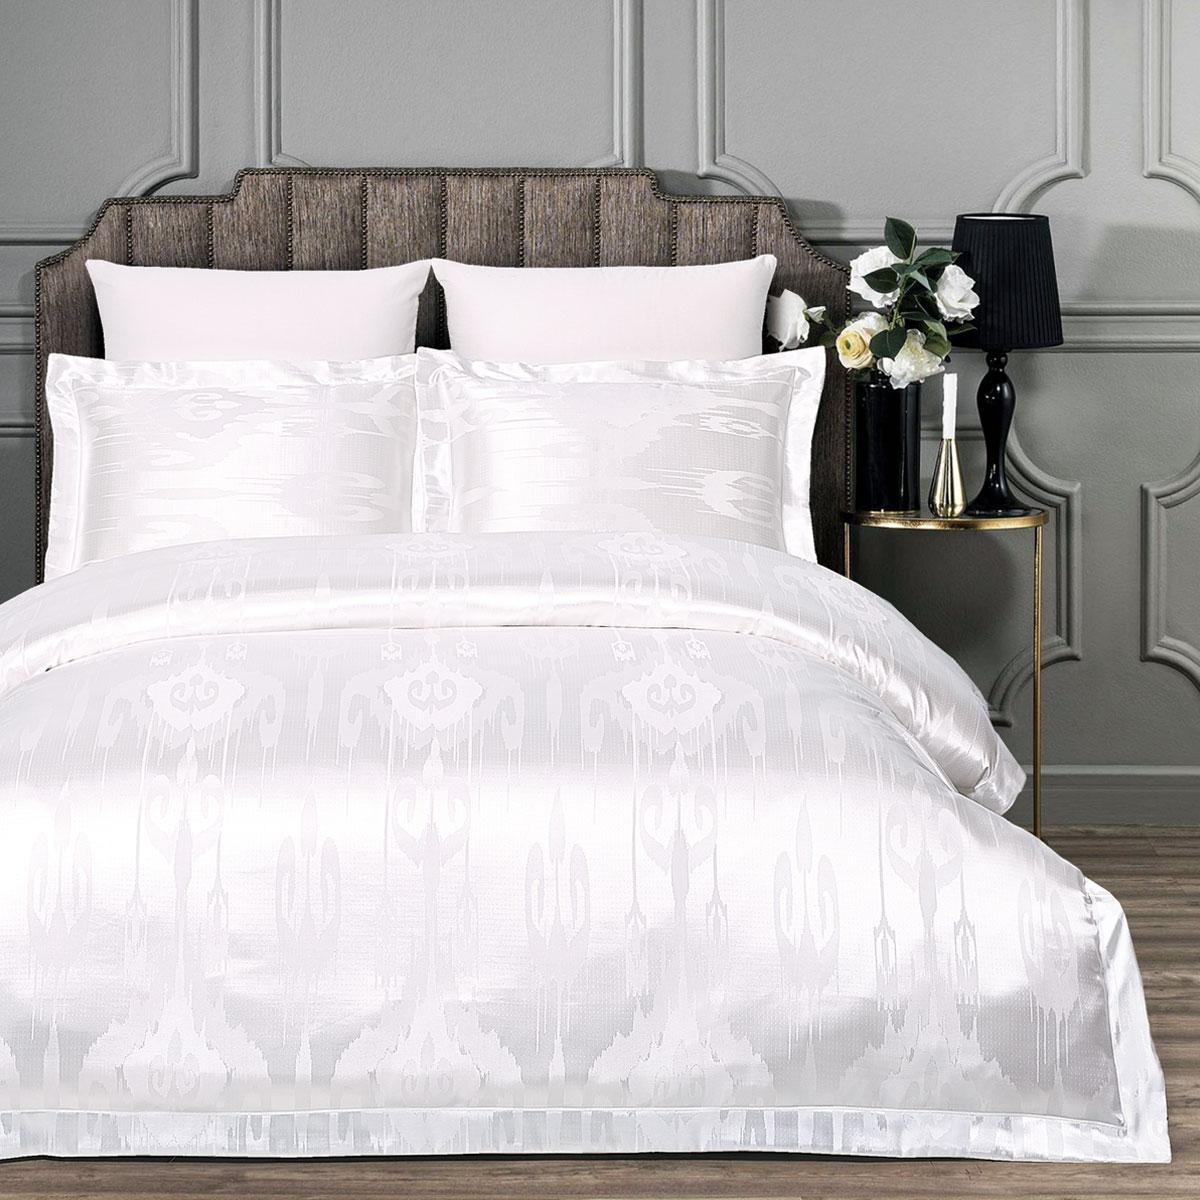 Купить Комплекты постельного белья Arya, Постельное белье Enya (2 сп. евро), Турция, Белый, Вискозный сатин